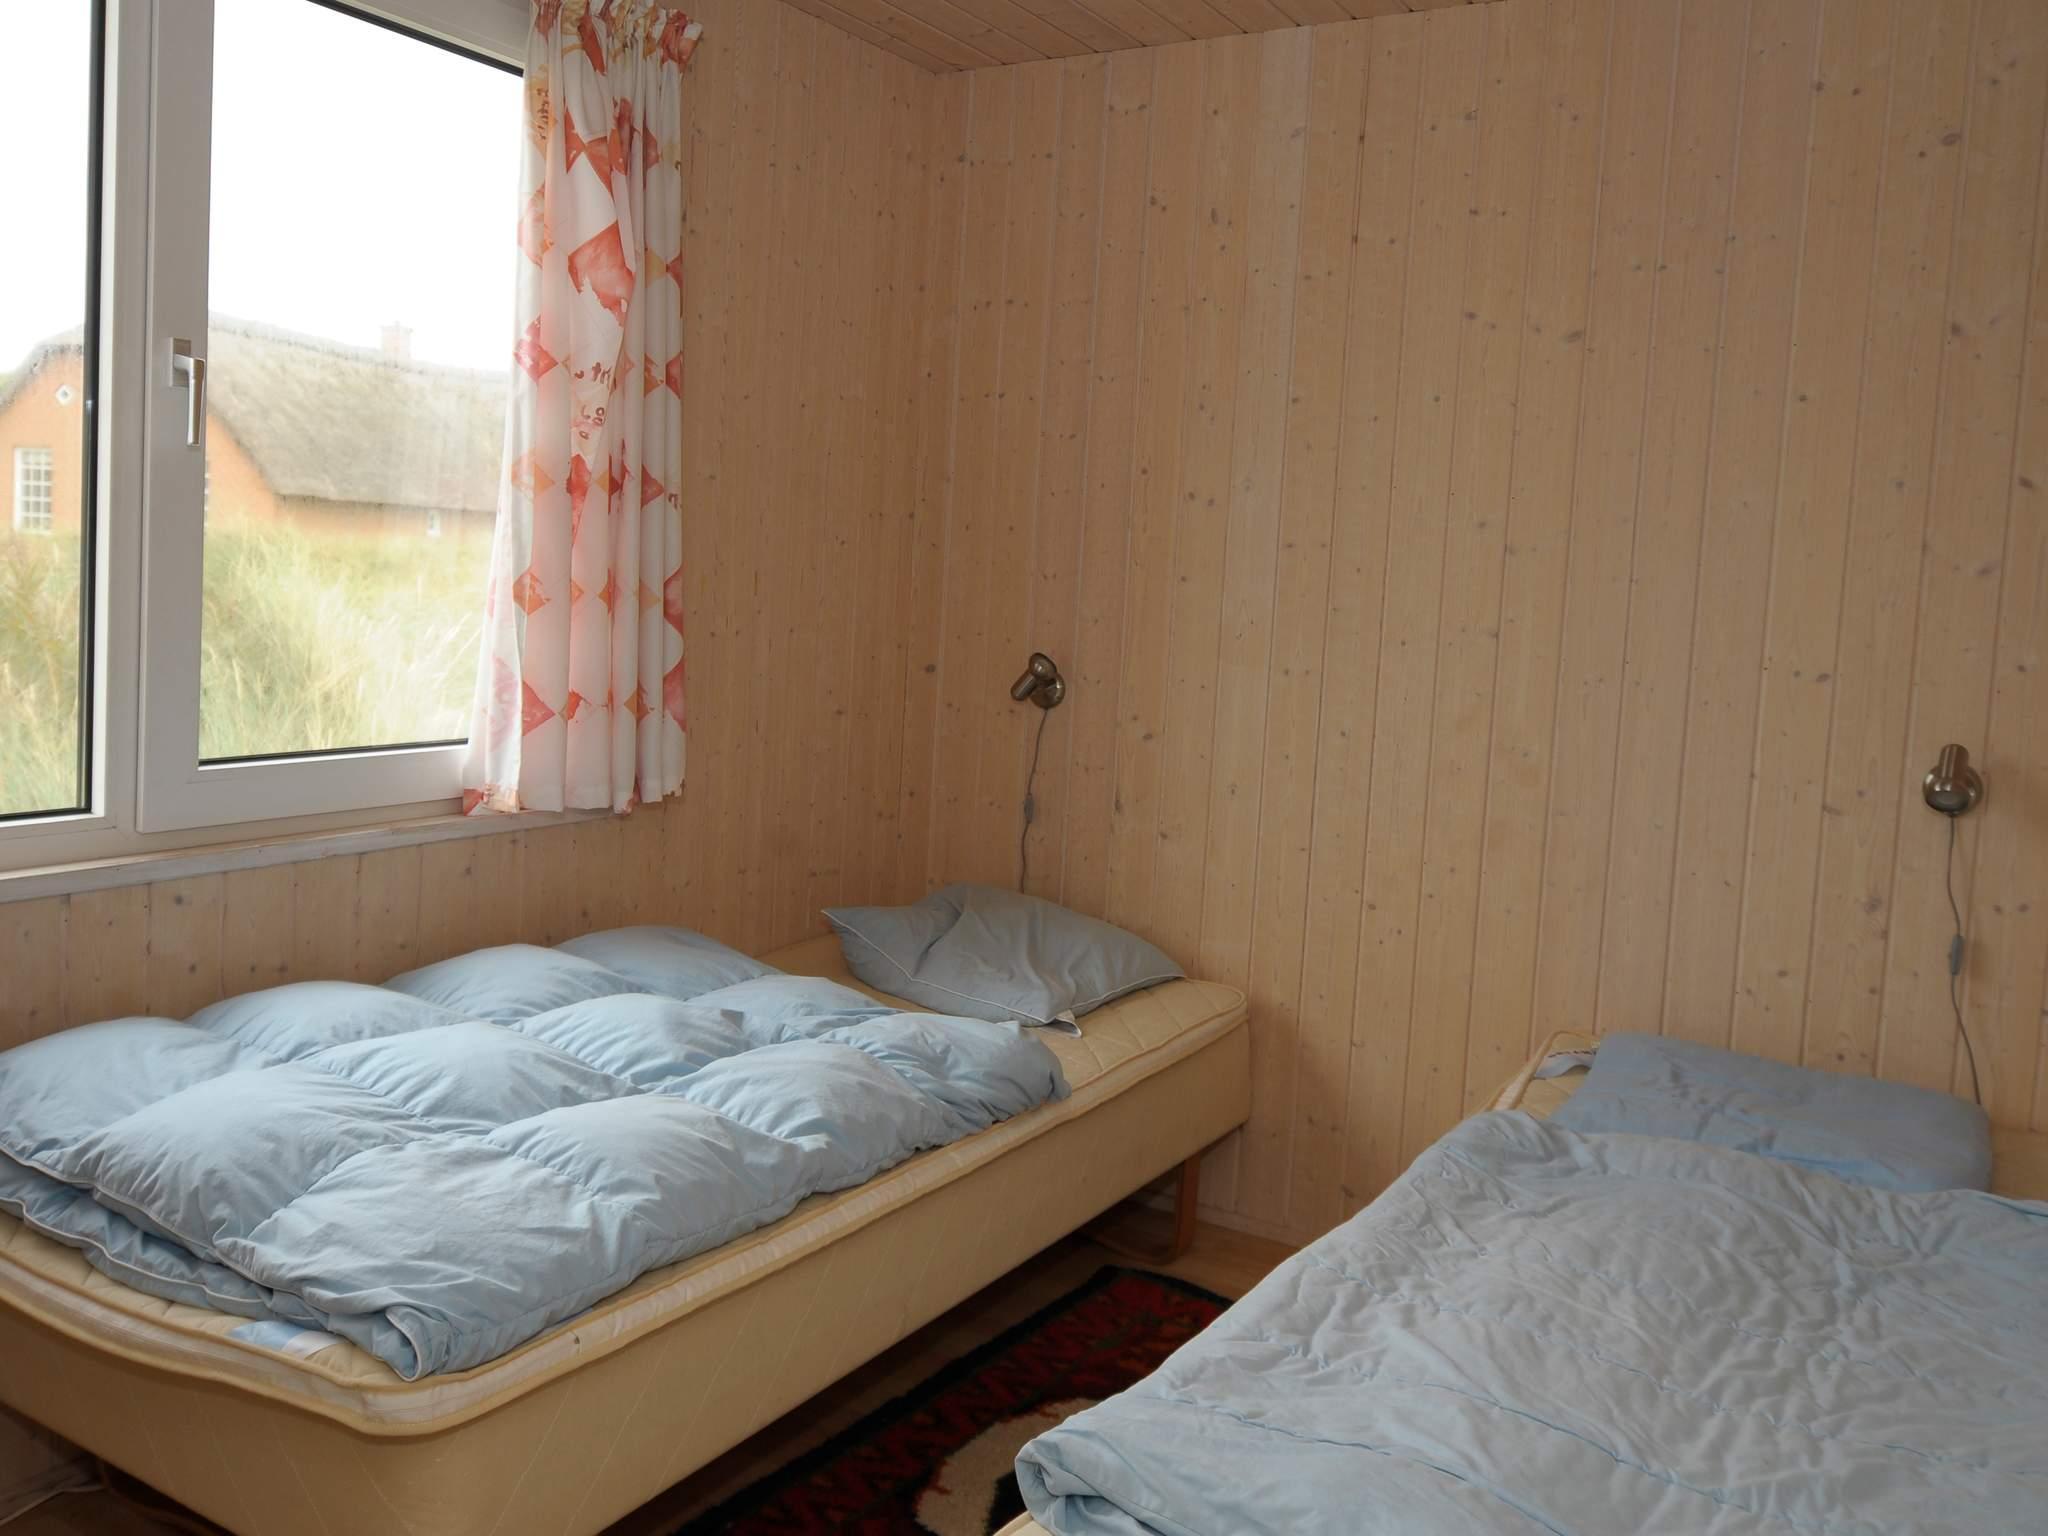 Ferienhaus Vejlby Klit (88925), Harboøre, , Limfjord, Dänemark, Bild 12